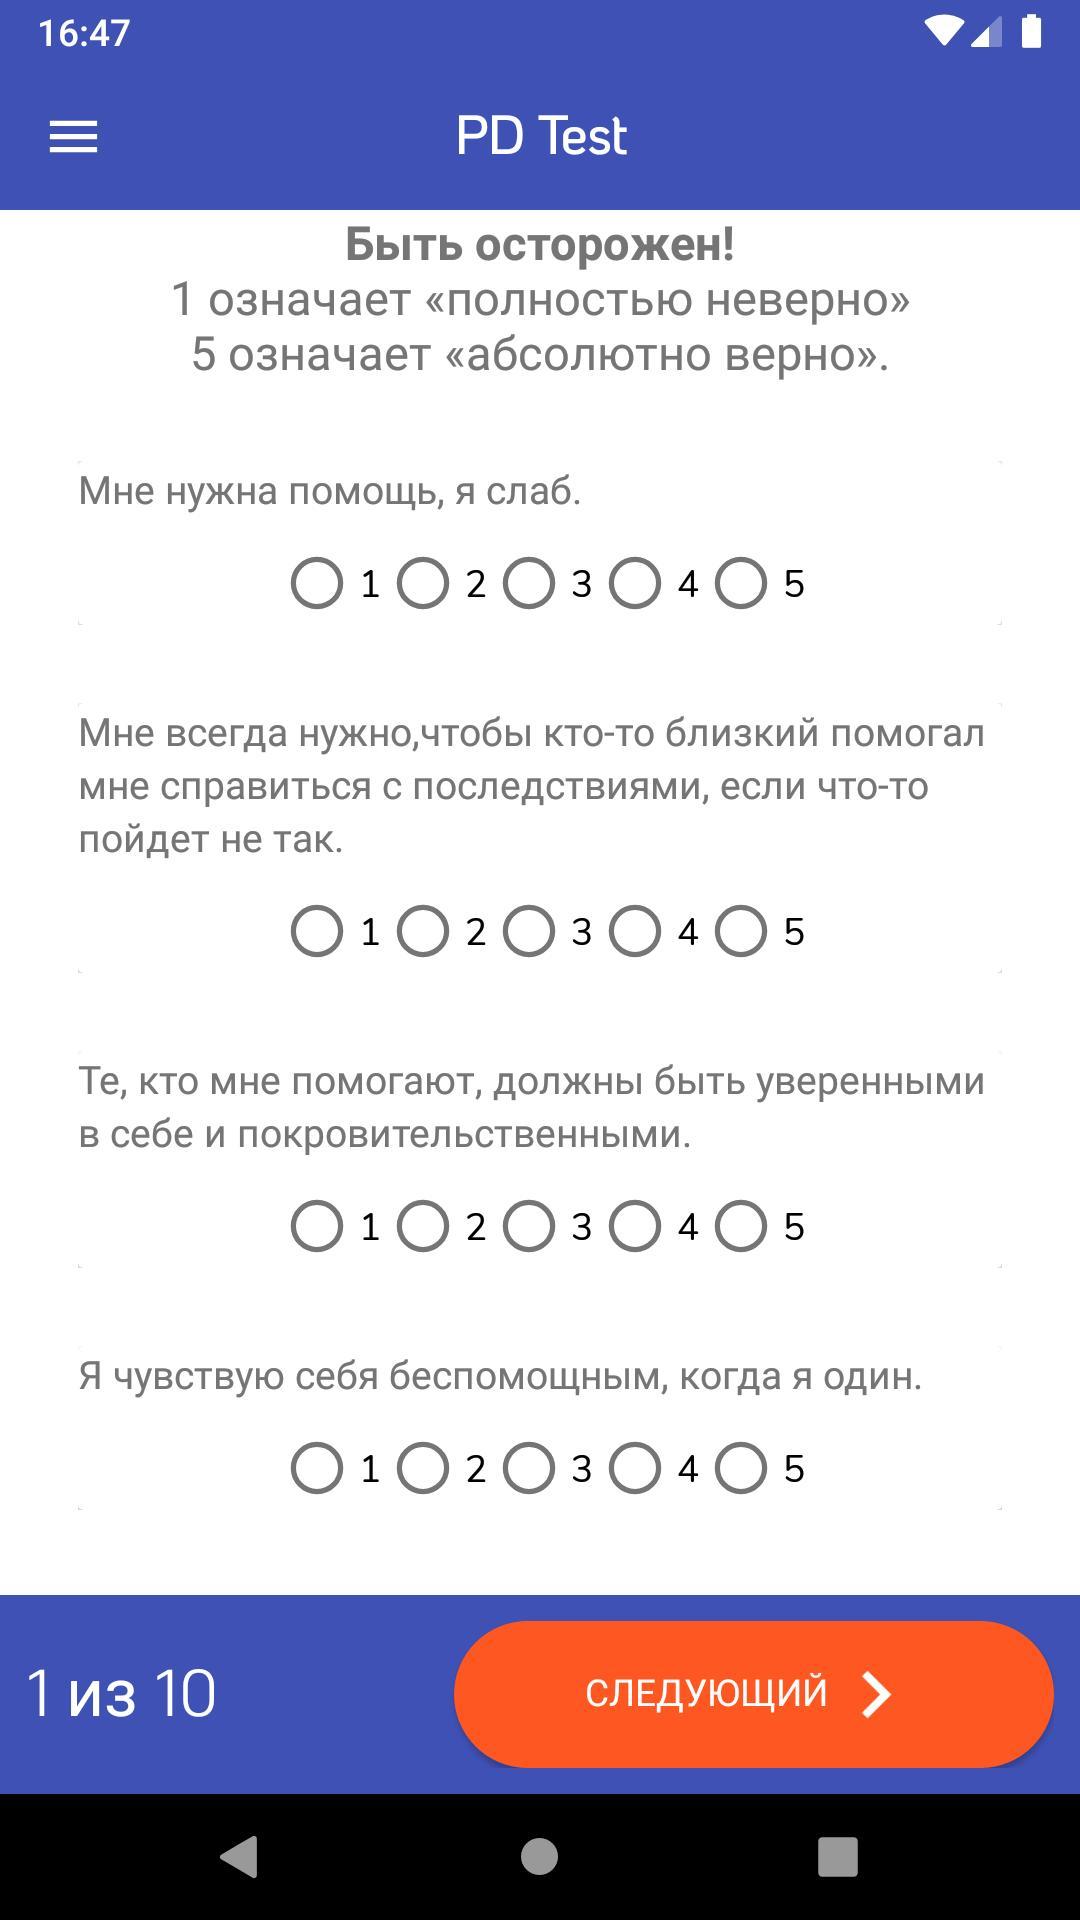 Пд-14 — википедия. что такое пд-14